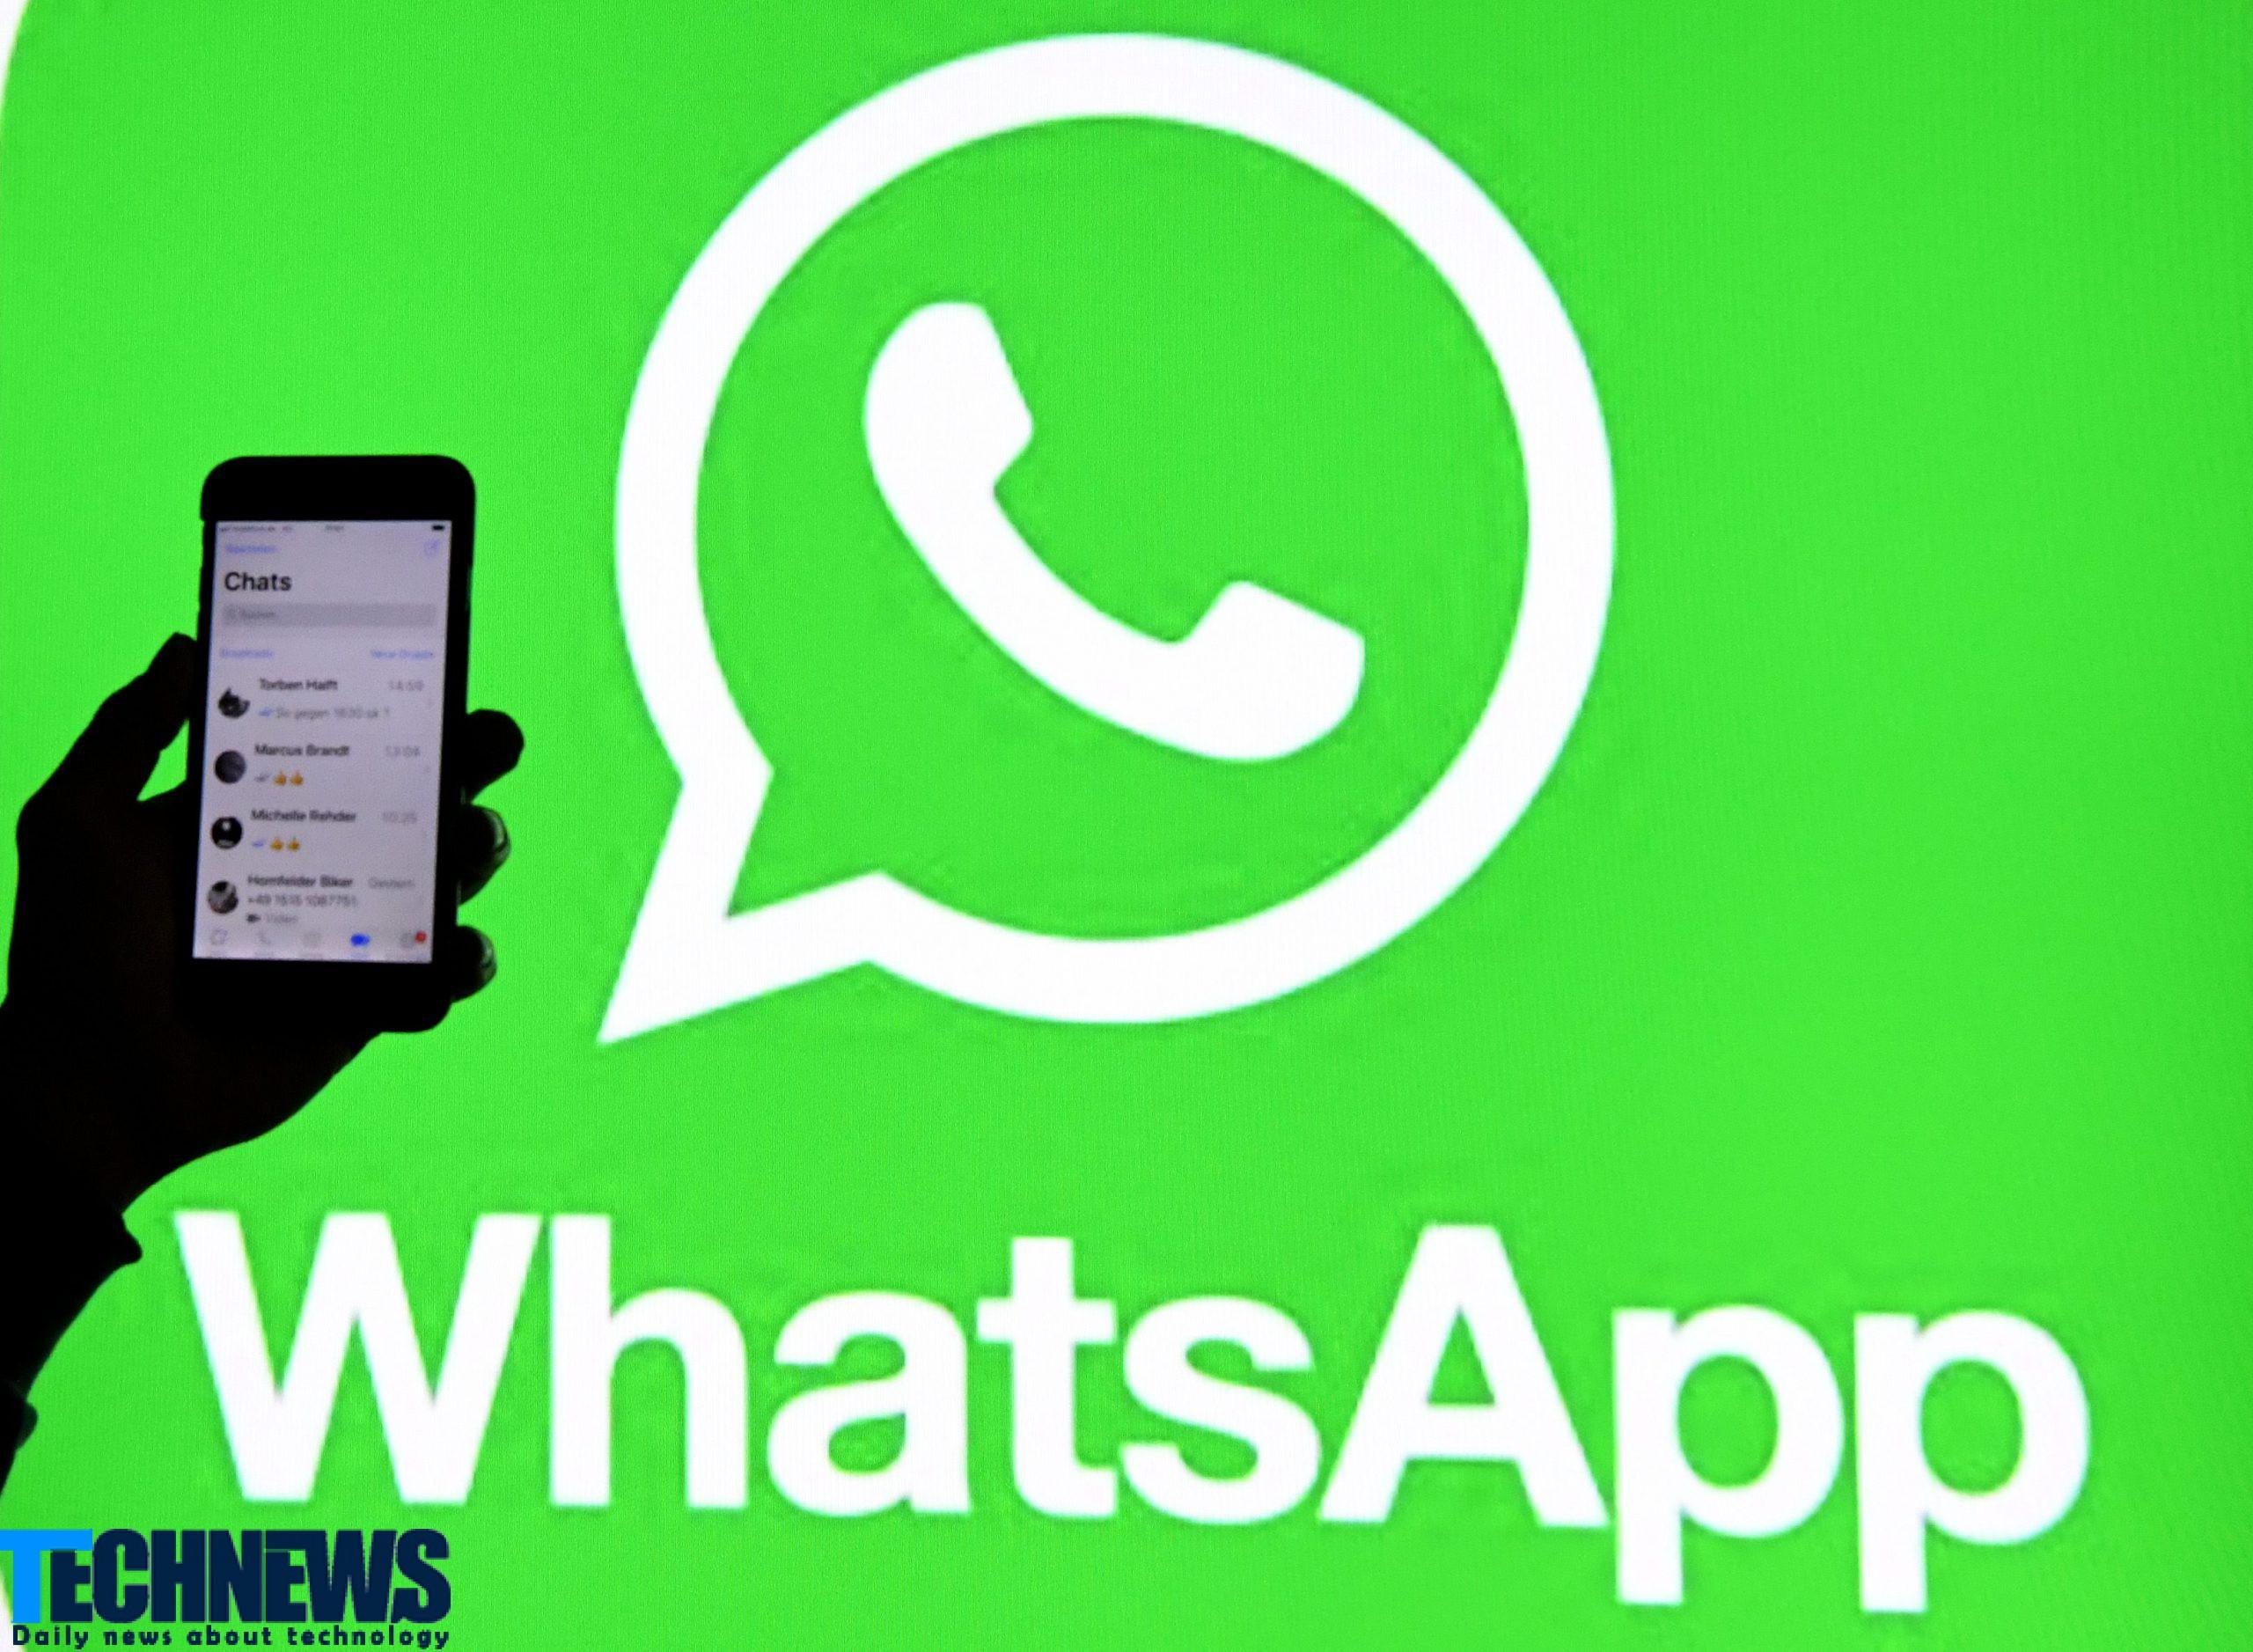 قابلیت جدید واتساپ؛ استفاده از والپیپر مستقل به ازای هر چت